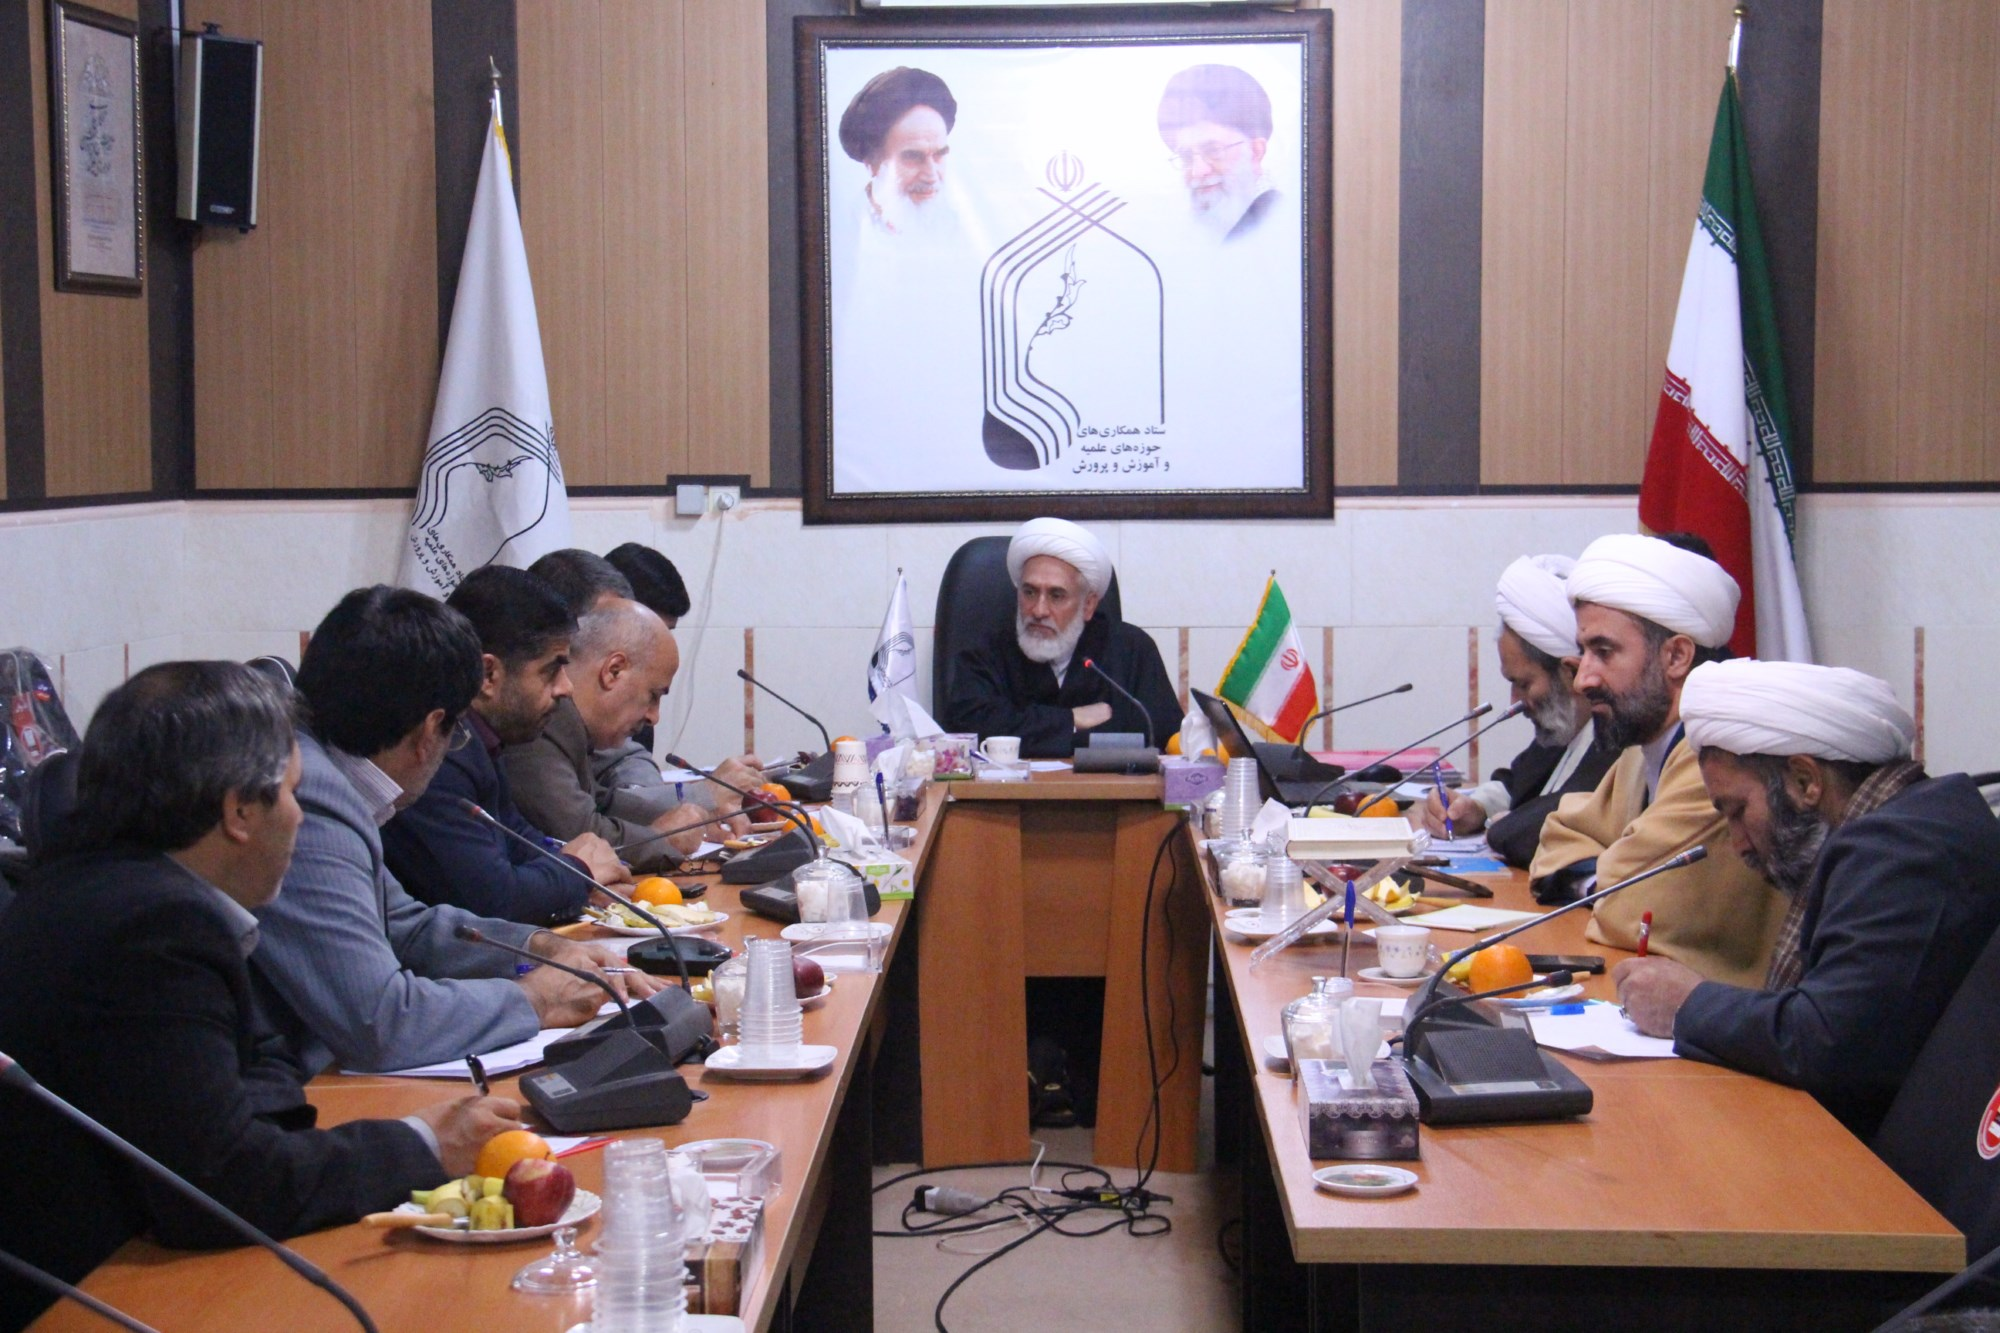 وزیر آموزش و پرورش: مدارس علوم و معارف اسلامی  باید توسعه یابد